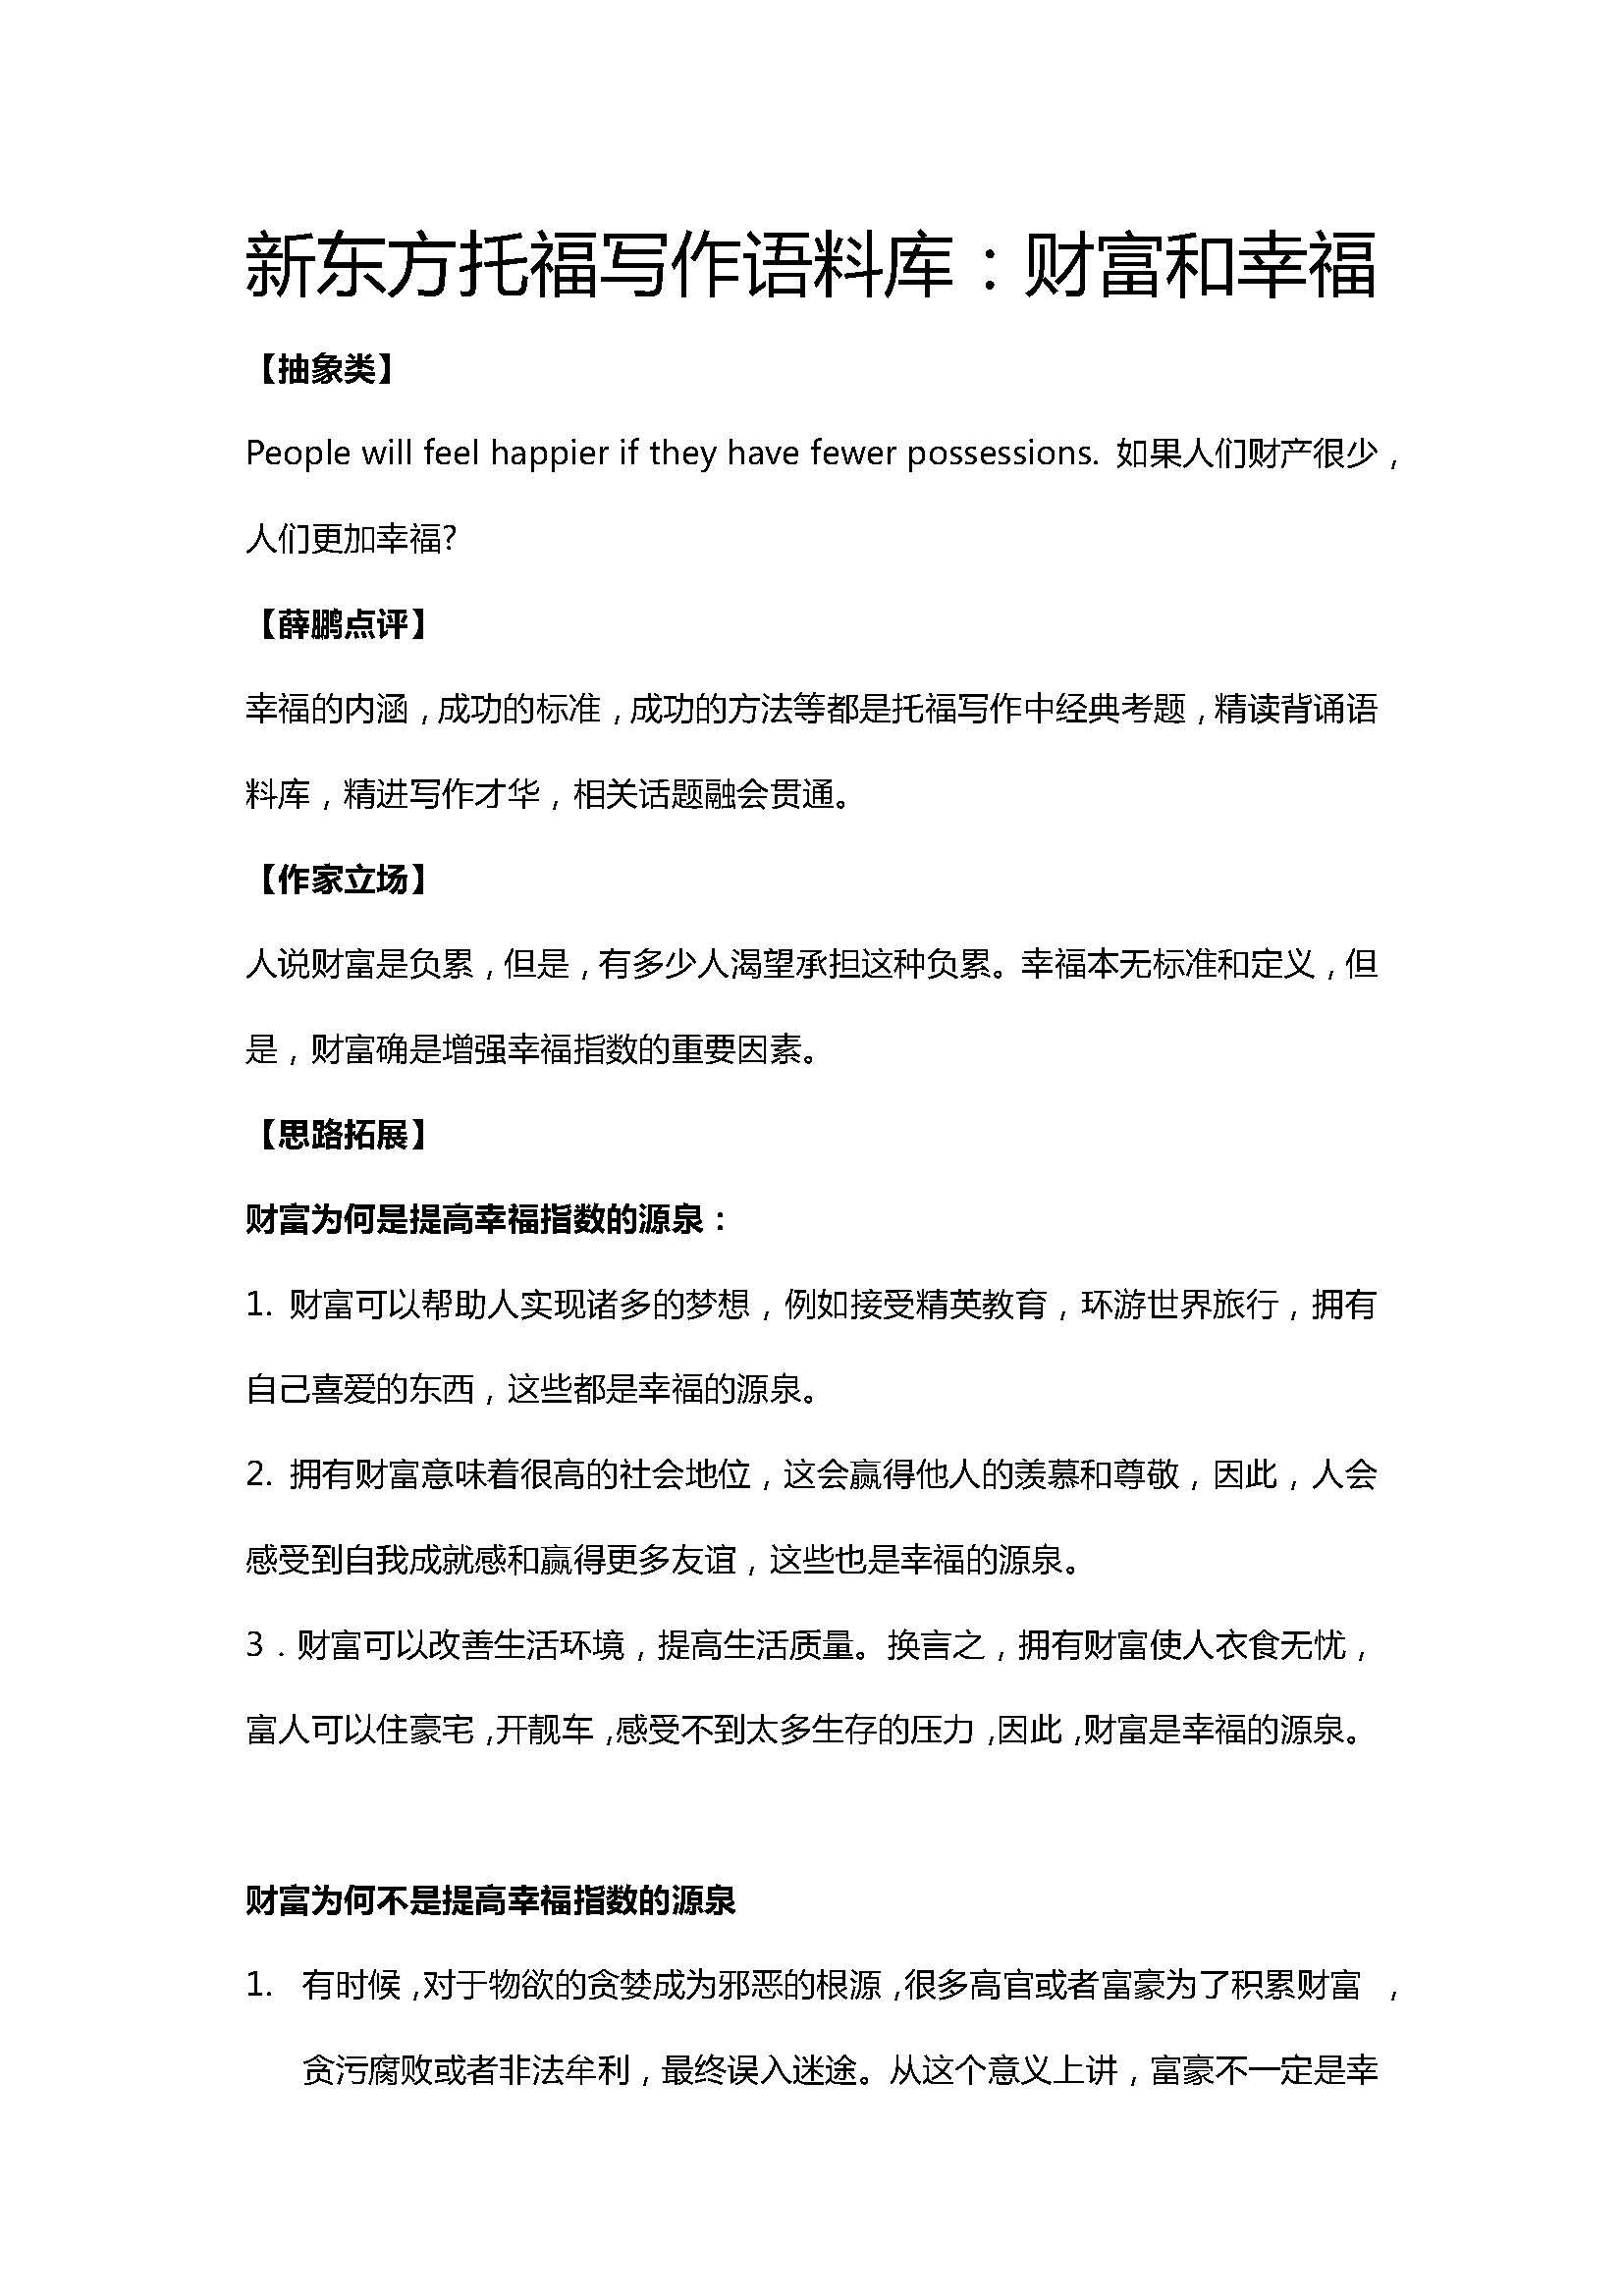 新东方托福写作语料库:财富和幸福